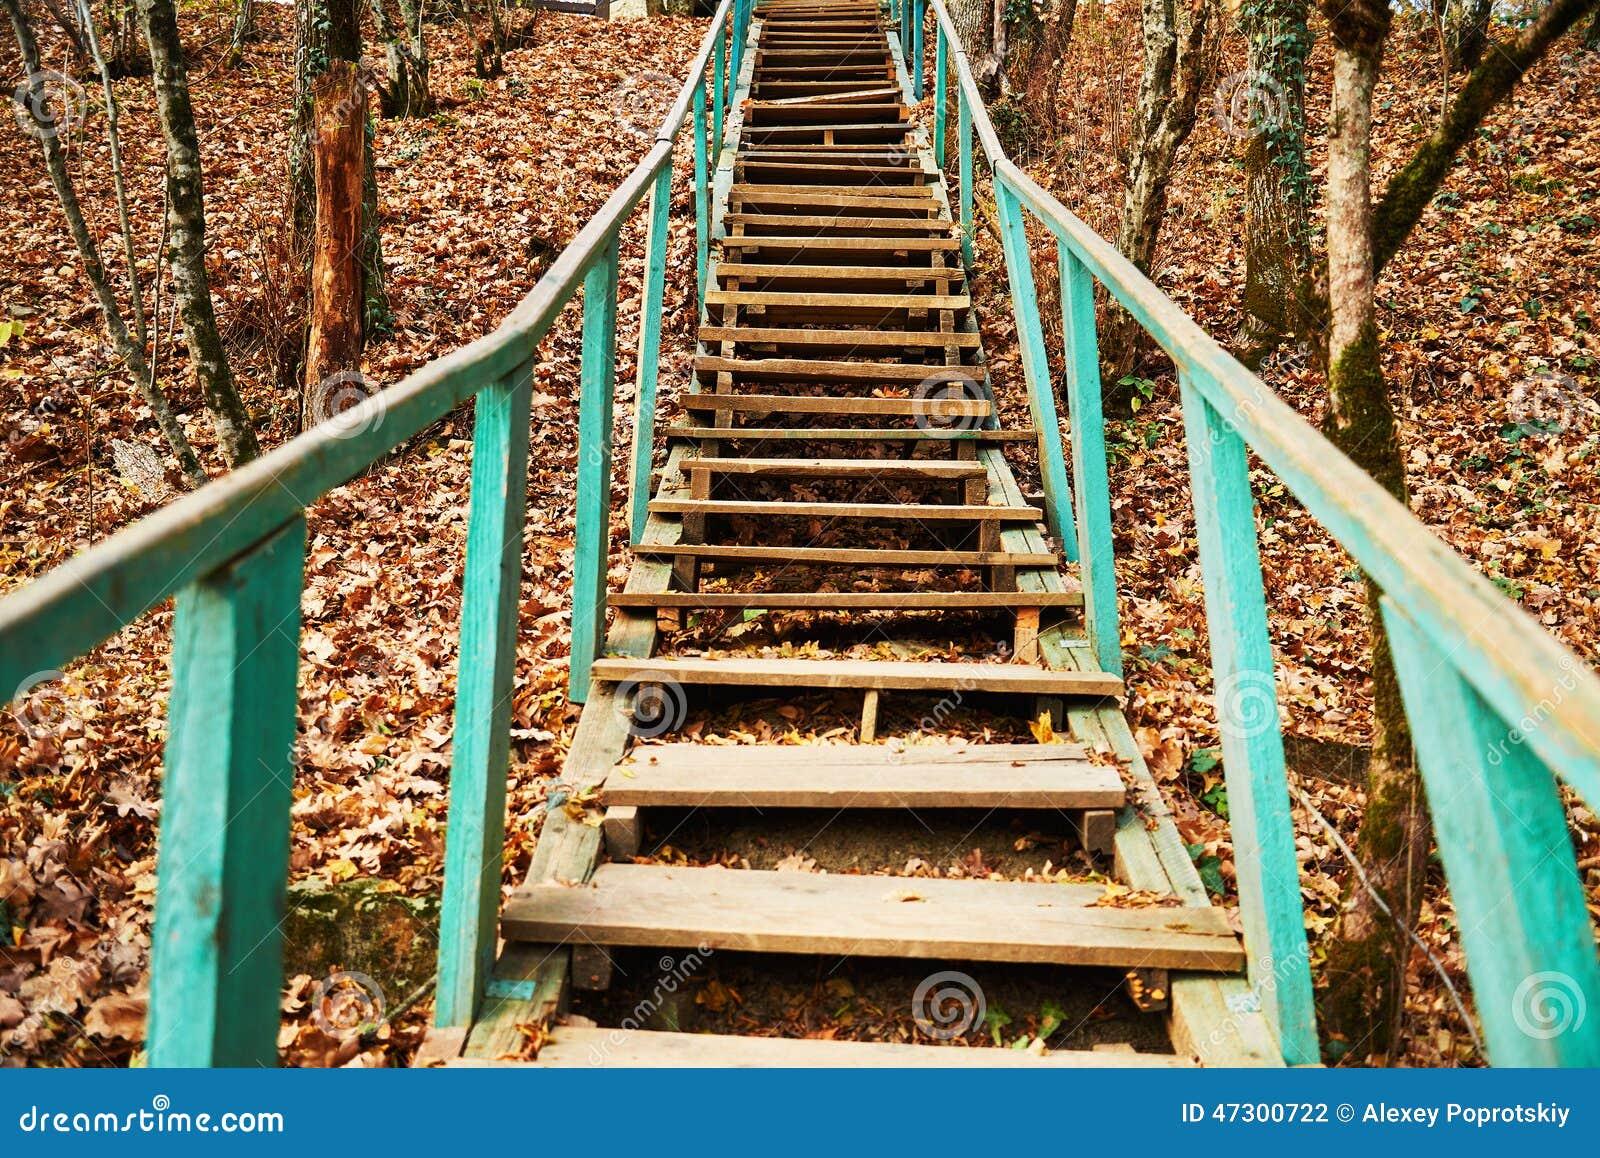 vieil escalier en bois ext rieur photo stock image du escalier nature 47300722. Black Bedroom Furniture Sets. Home Design Ideas